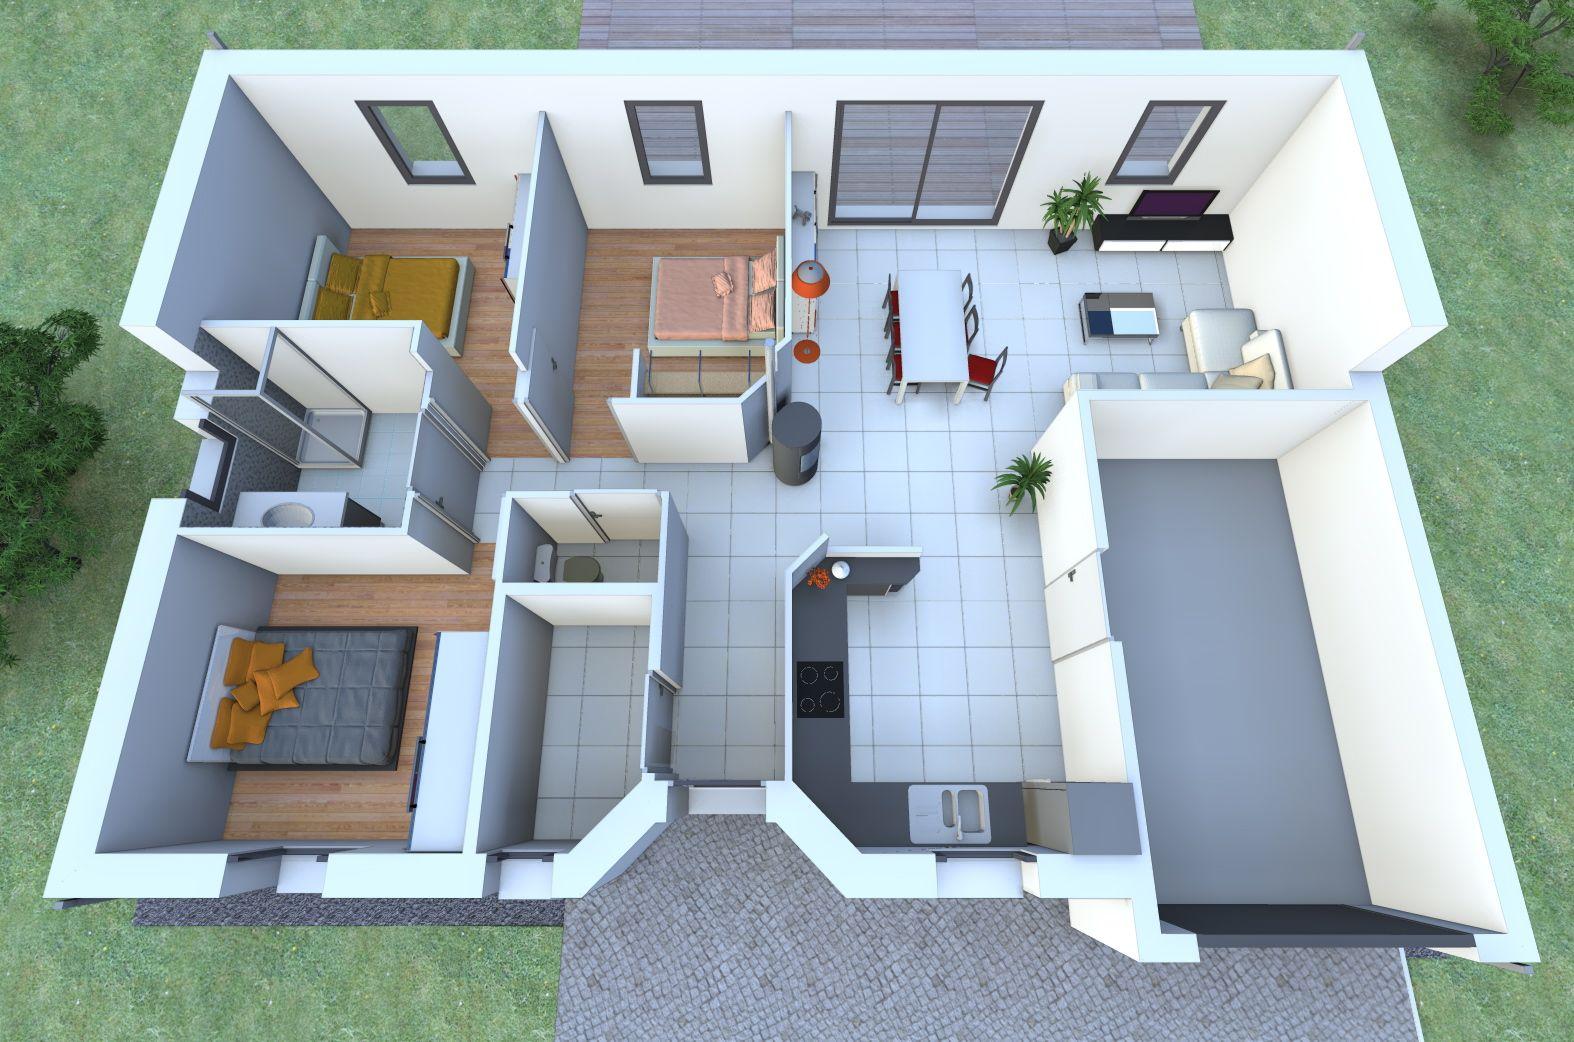 Une maison de plain pied avec 3 chambres vous fait r ver - Modele de plan de construction maison gratuit ...